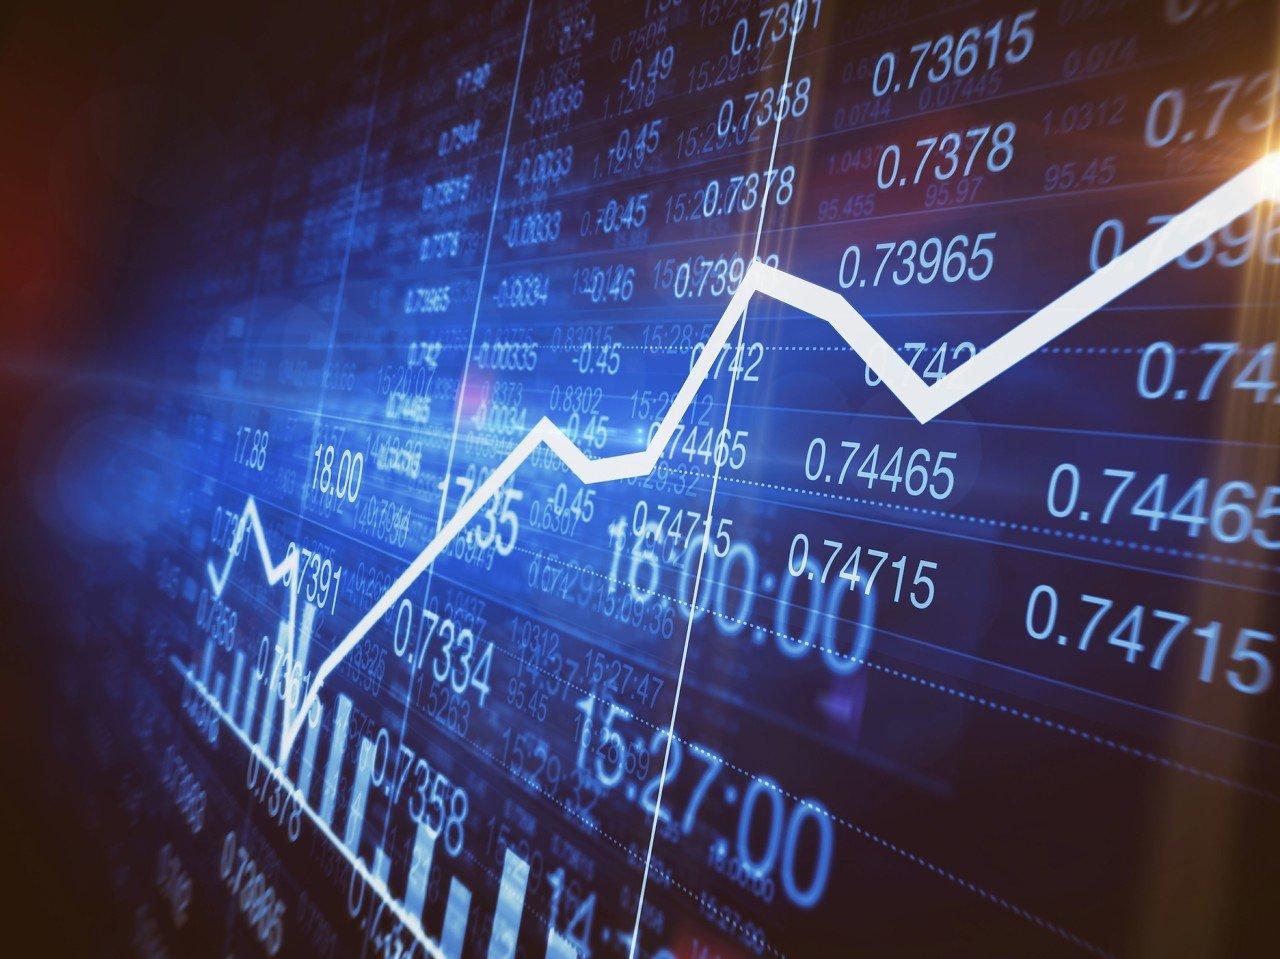 中信策略:市场持续快速下行的可能性不大,继续紧扣高景气主线